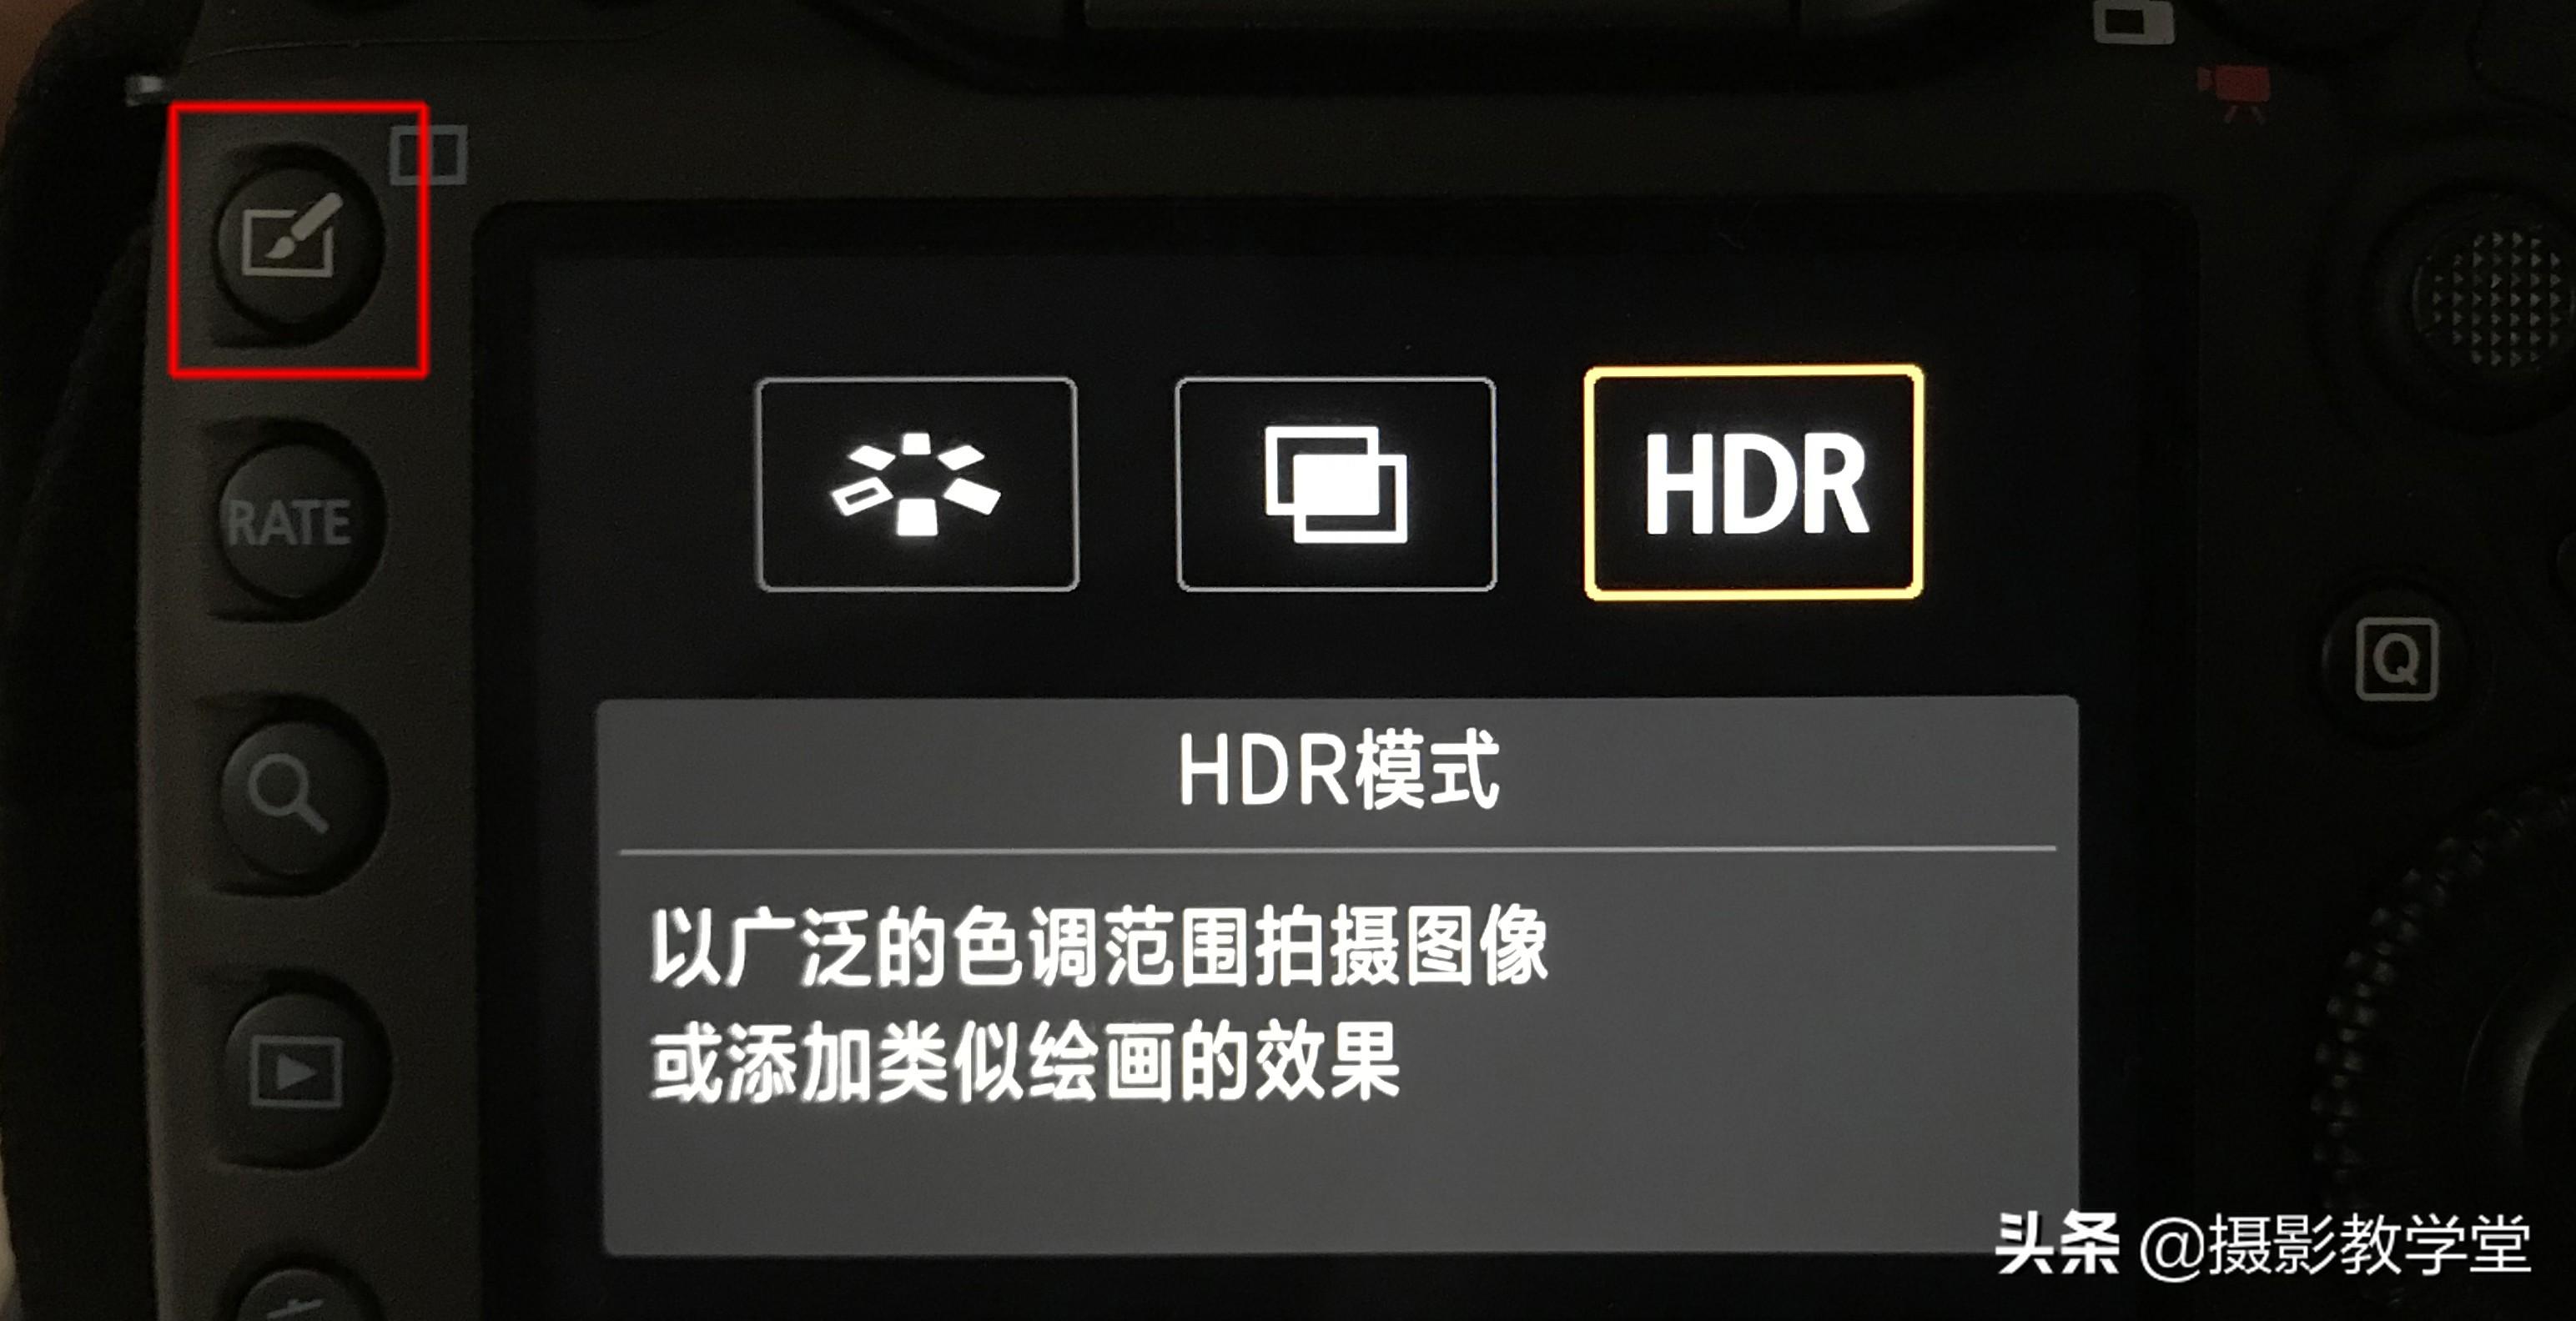 摄影:搞懂HDR,不用滤镜也能拍好大光比照片